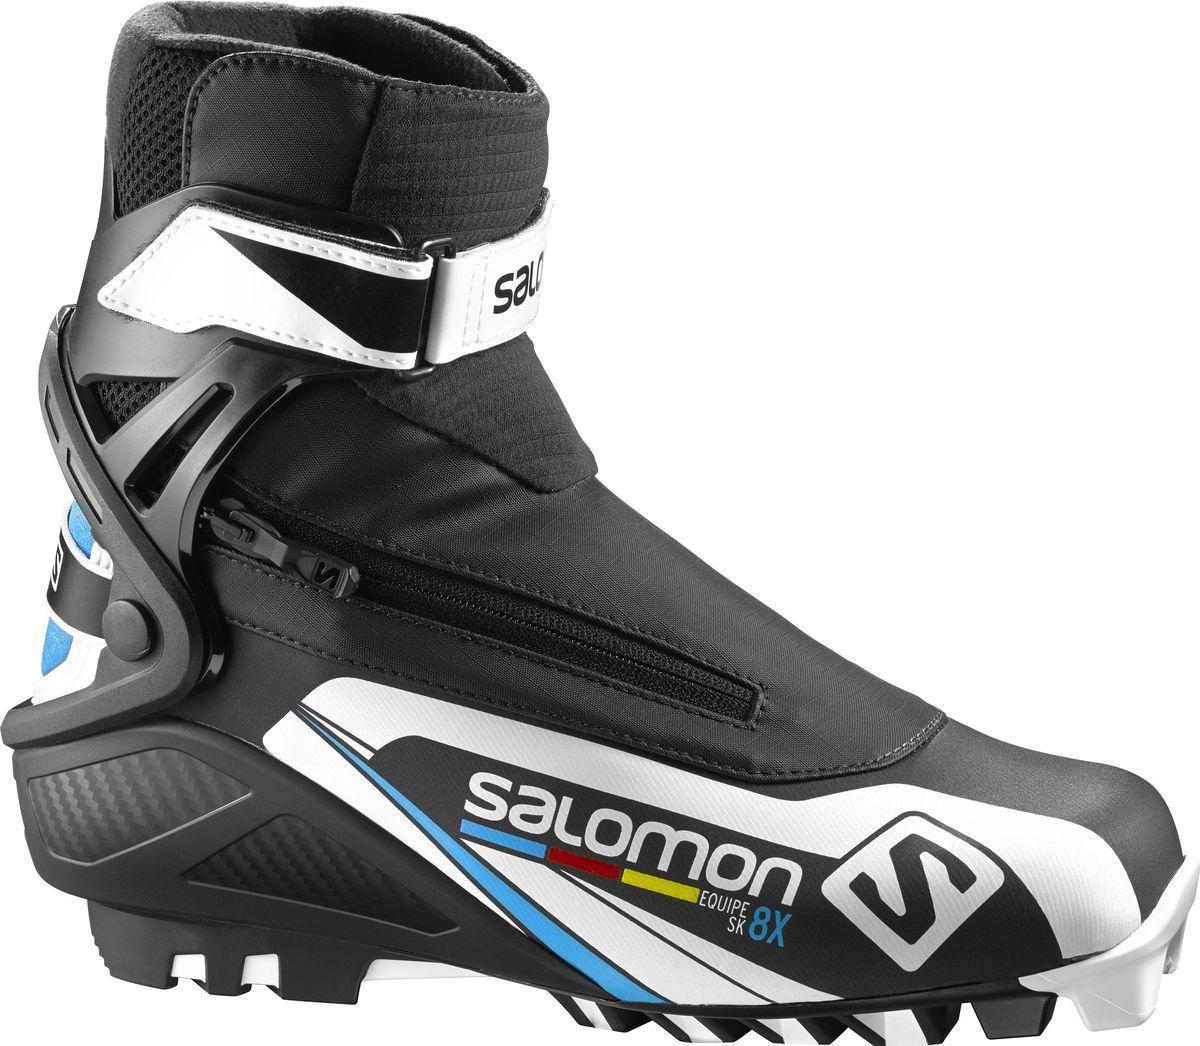 Ботинки для беговых лыж Salomon Equipe 8X Skate, цвет: черный. Размер 8,5 (41)L39187800В ботинках Equipe 8X Skate совмещены системы термоформовки Custom fit с инновационной раздельной системой быстрого шнурования для великолепного комфорта. Манжета Energyzer cuff обеспечит мощную и прогрессивную боковую поддержку. Для любителей лыжного спорта, ценящих рабочие характеристики и желающих приобрести ботинки по доступной цене.